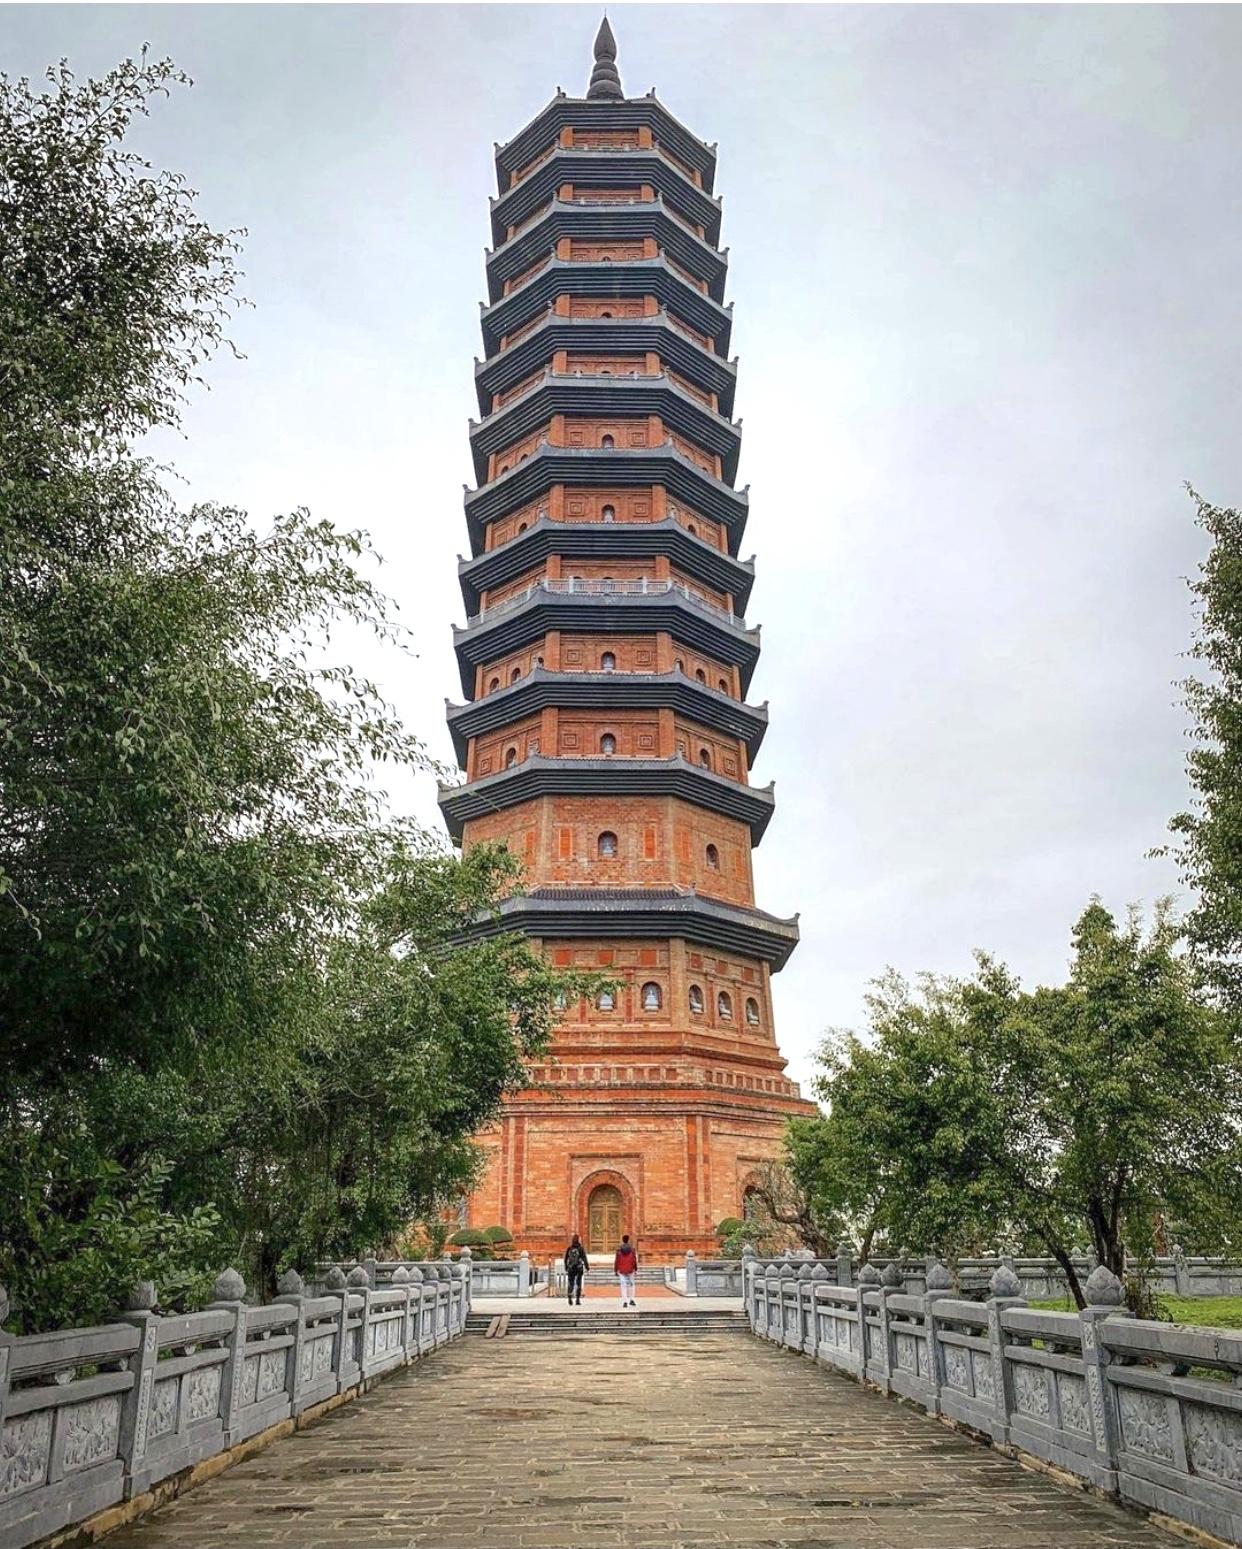 Nhung ngoi chua noi tieng Viet Nam anh 5  - IMG_8373 - Loạt tháp chùa đạt kỷ lục ở Việt Nam